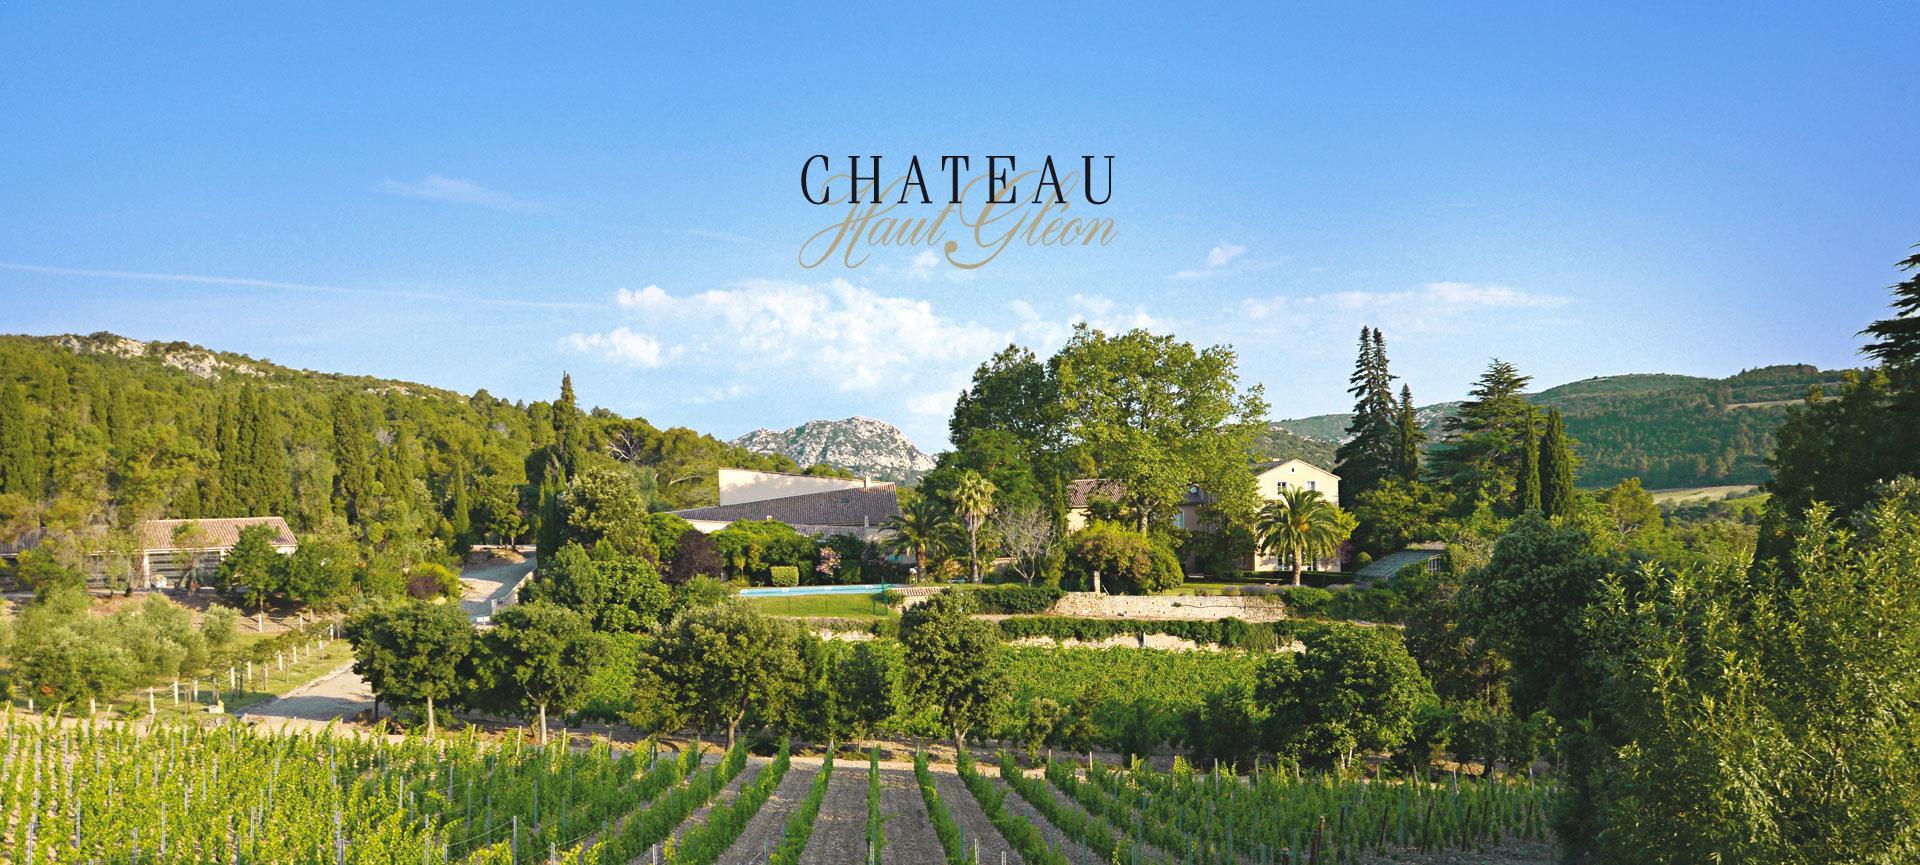 Château Haut Gléon: Languedoc wine with AOC Corbières, AOP Corbières IGP Vallée-du-paradis and IGP Pays d'Oc denominations in Durban.